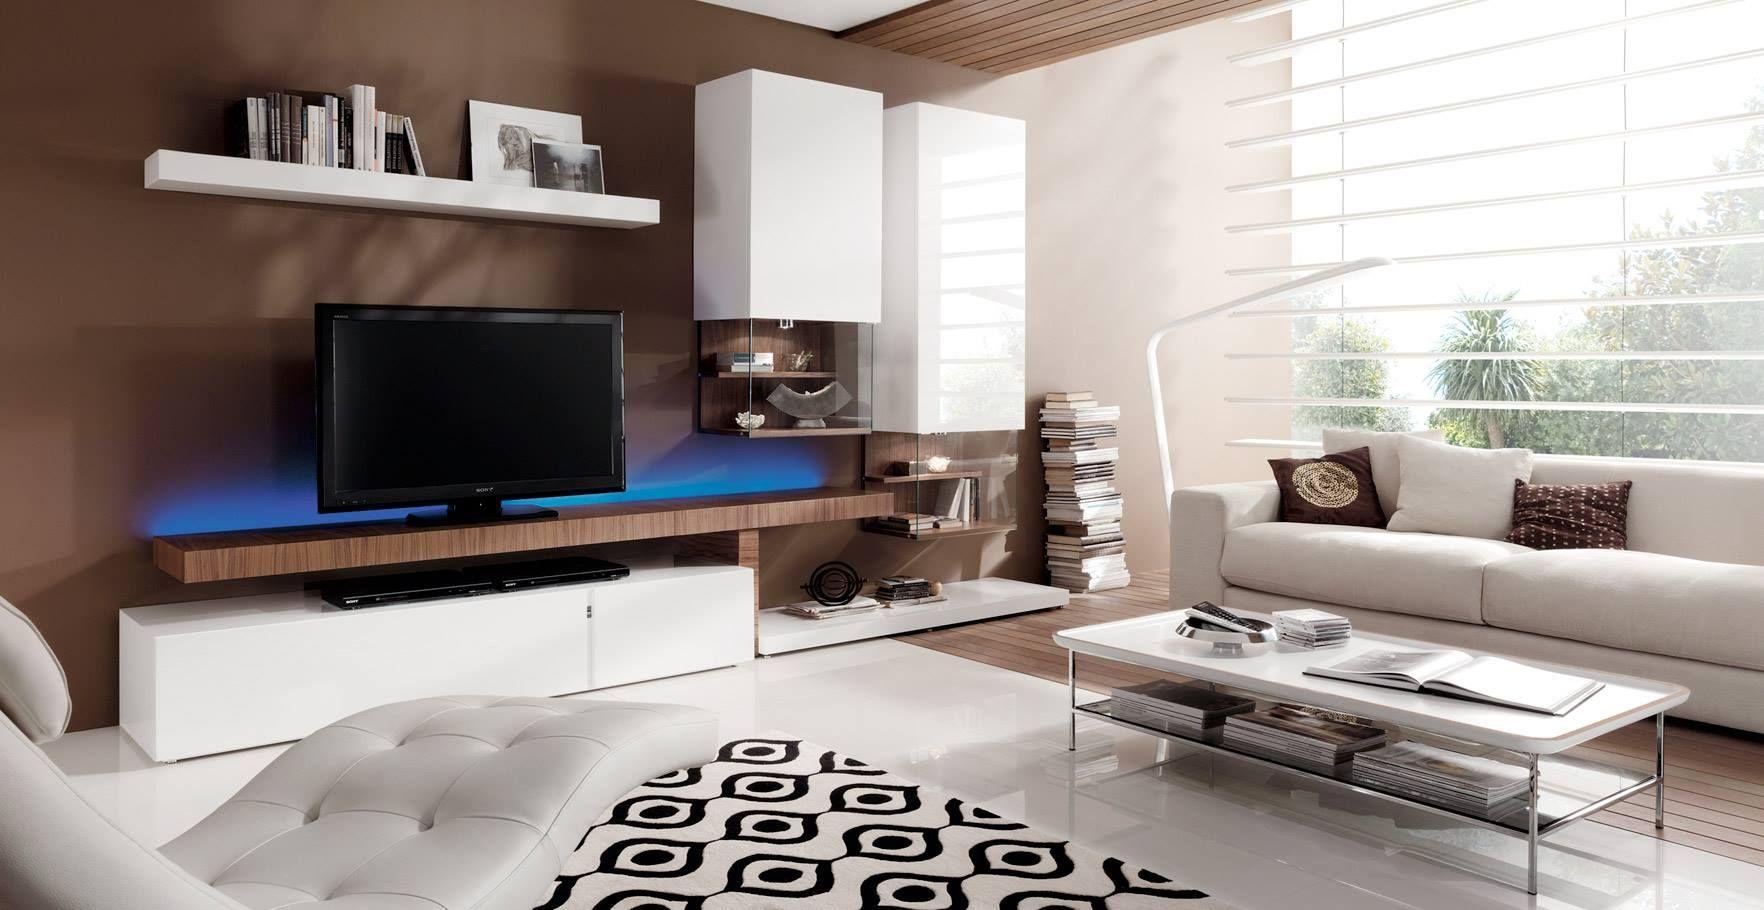 Tienda de muebles de diseño y decoración Zaragoza